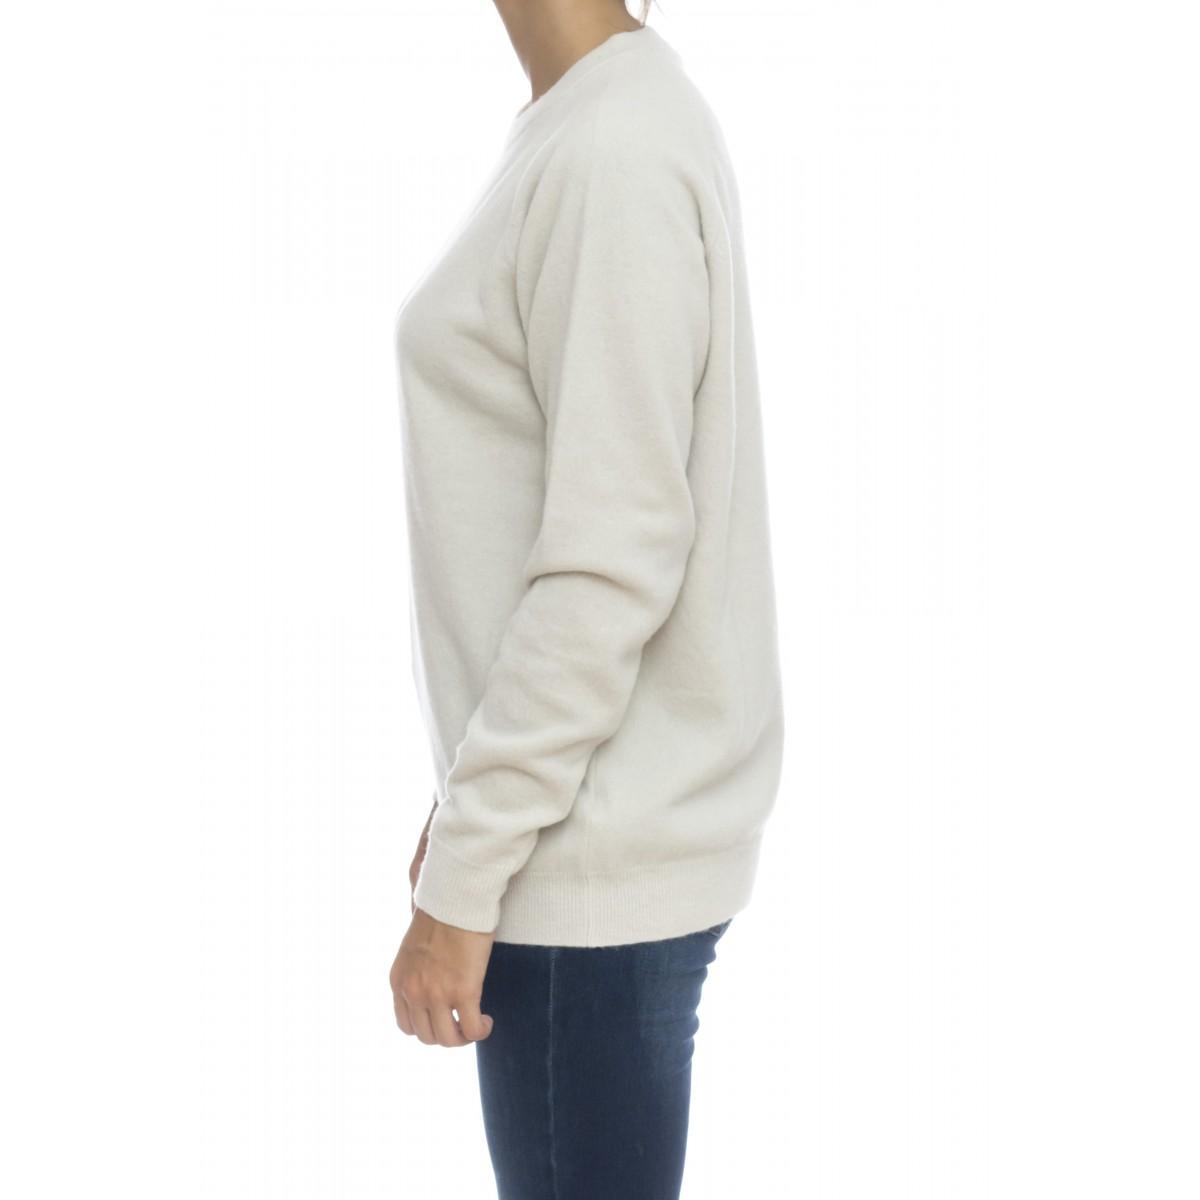 Maglieria - B20001 maglia 100% lana made in italy